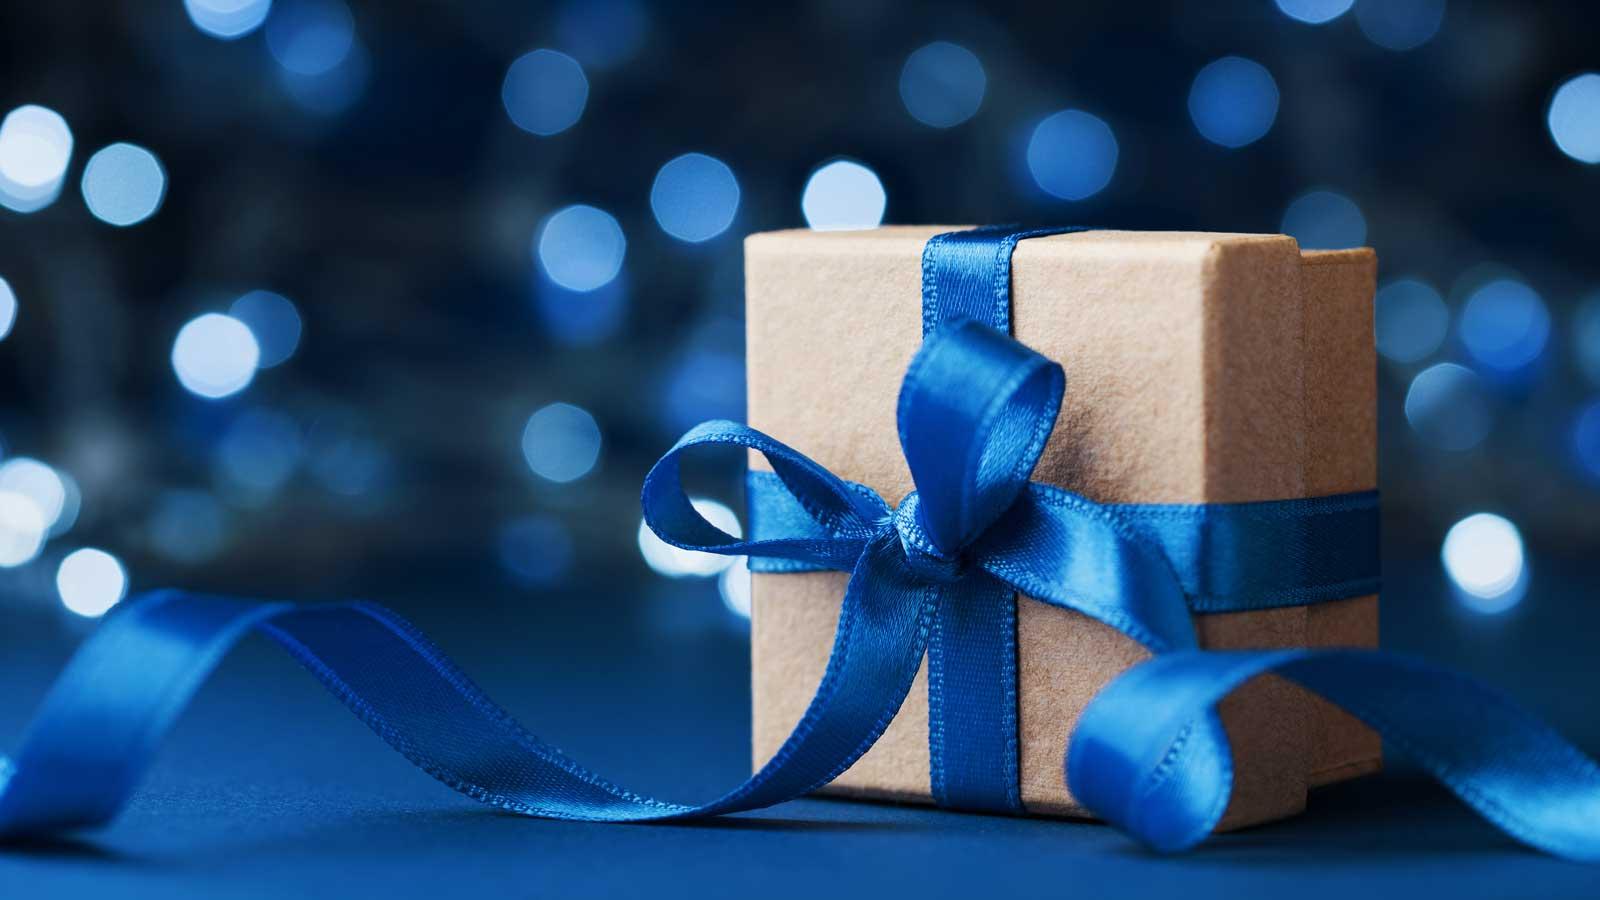 Blue tech present